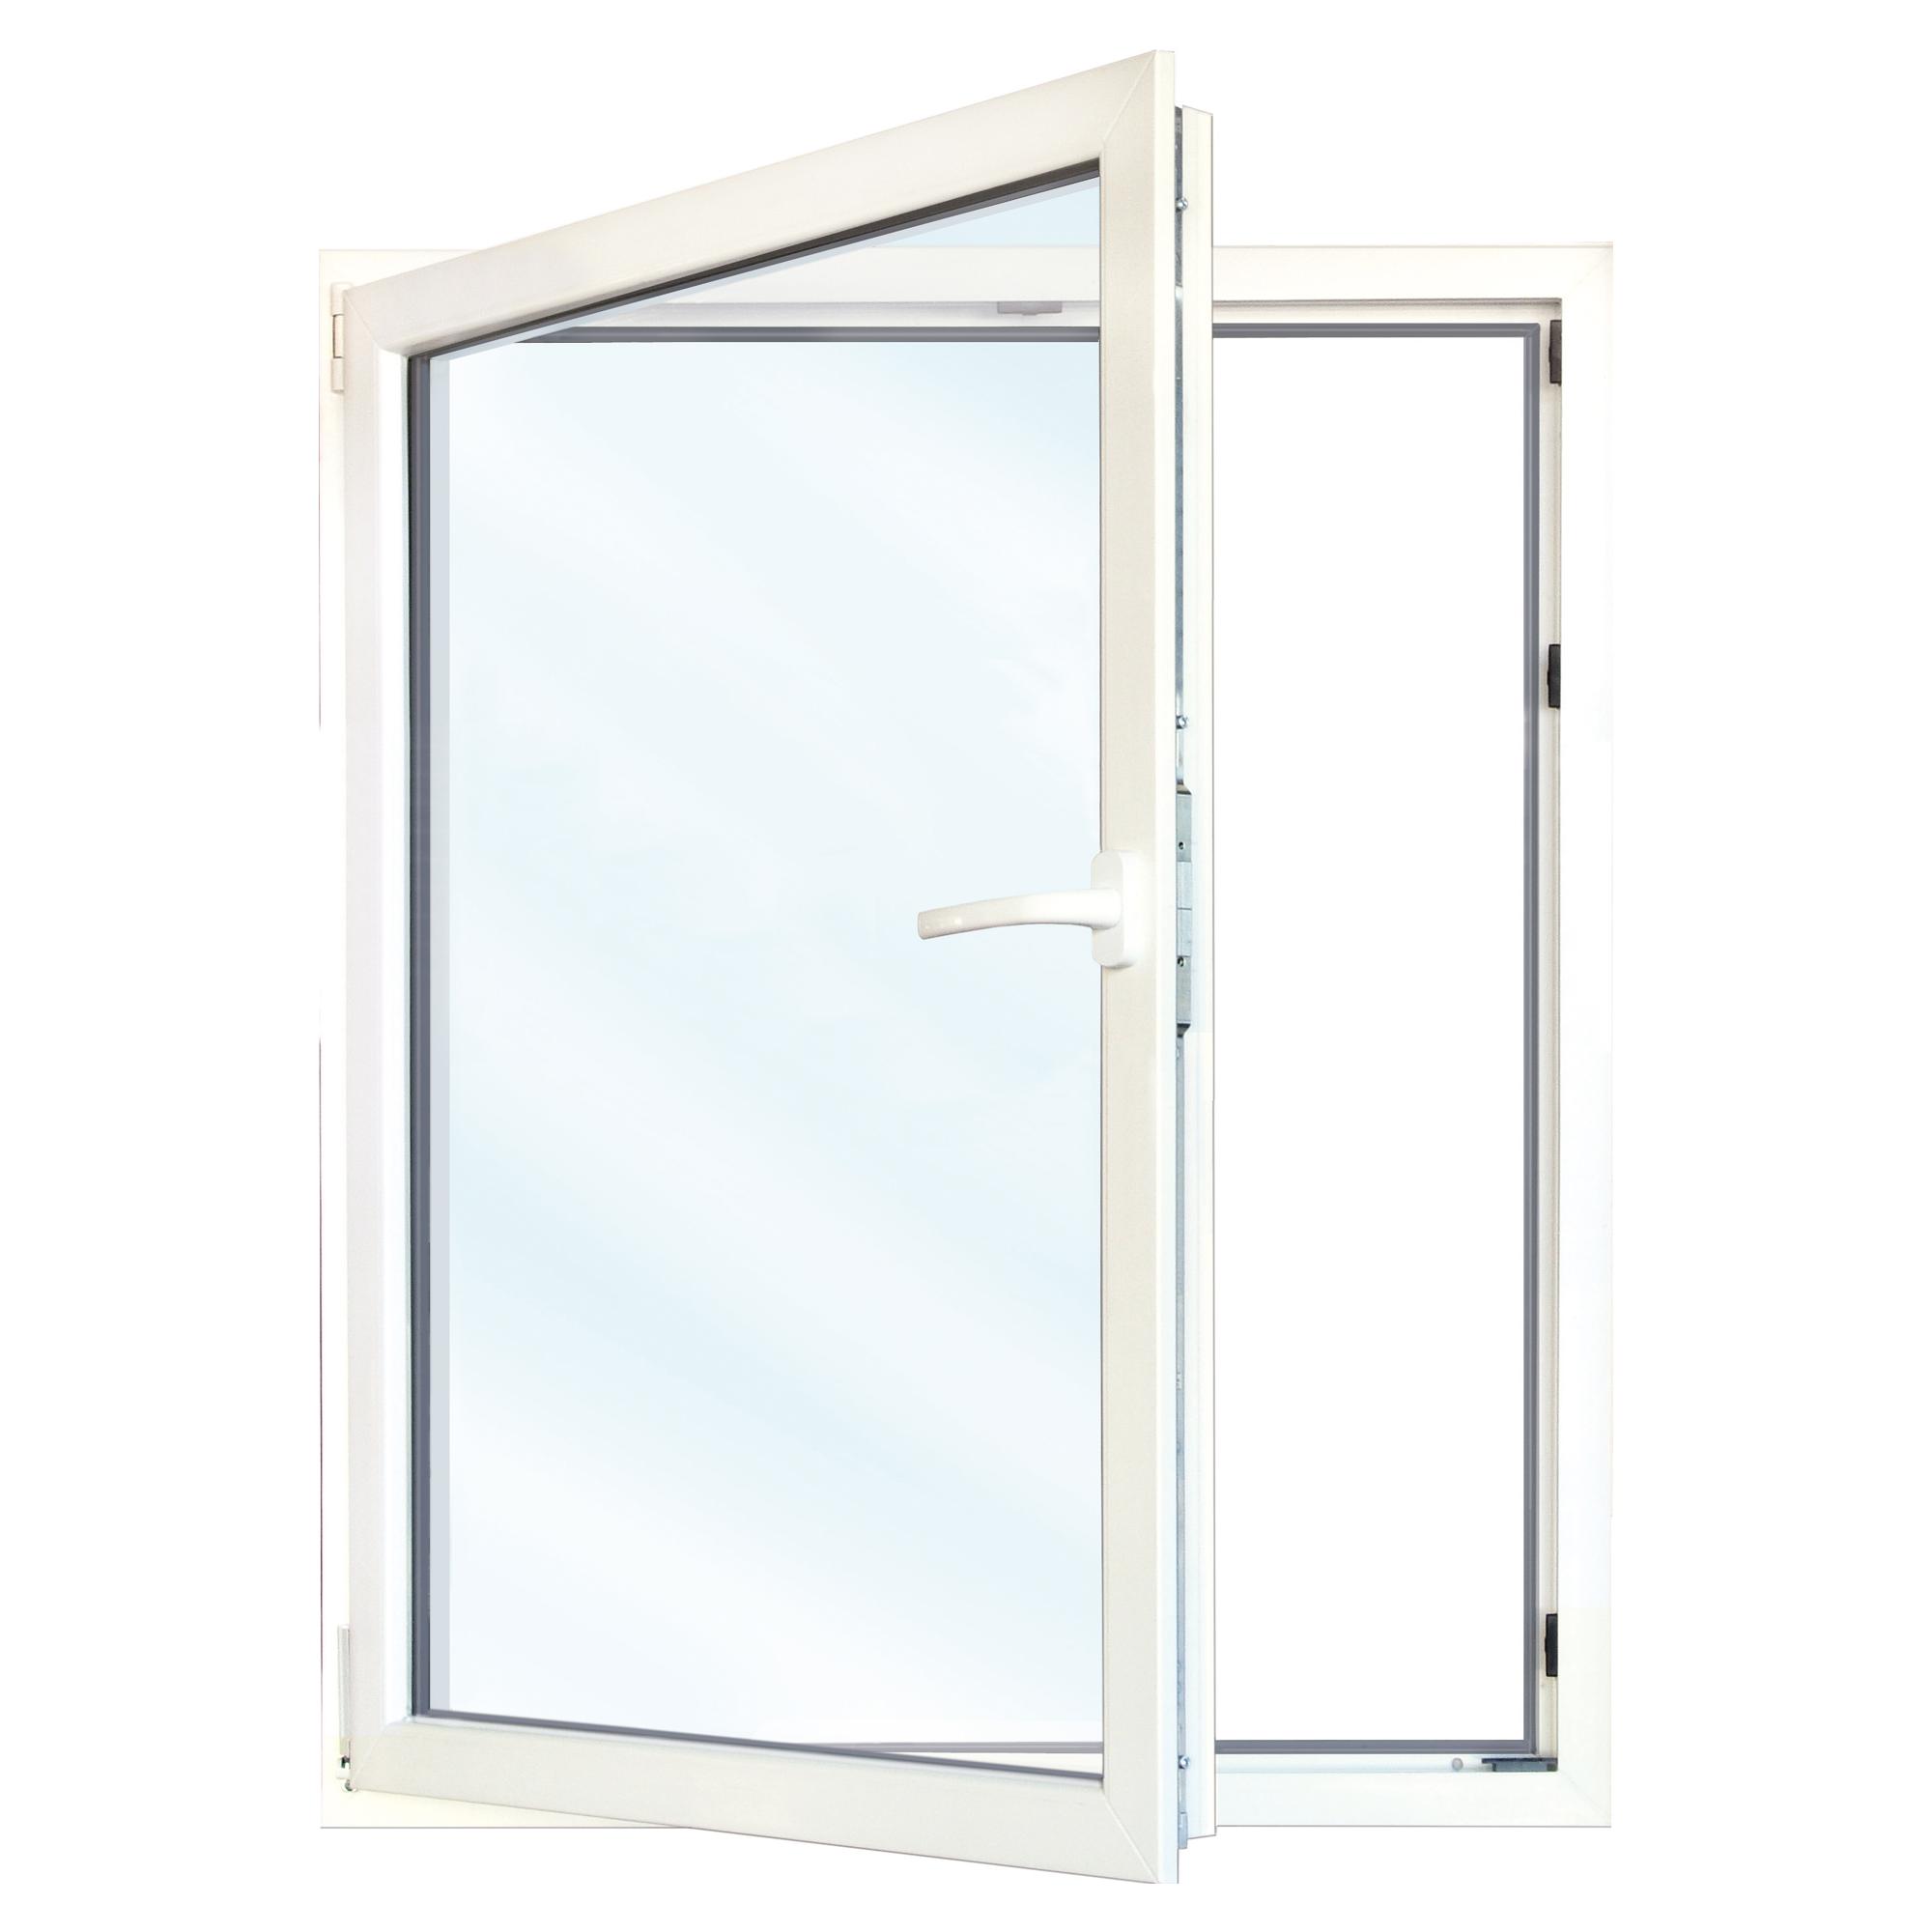 Baumarkt türen  Fenster & Türen - toom Baumarkt